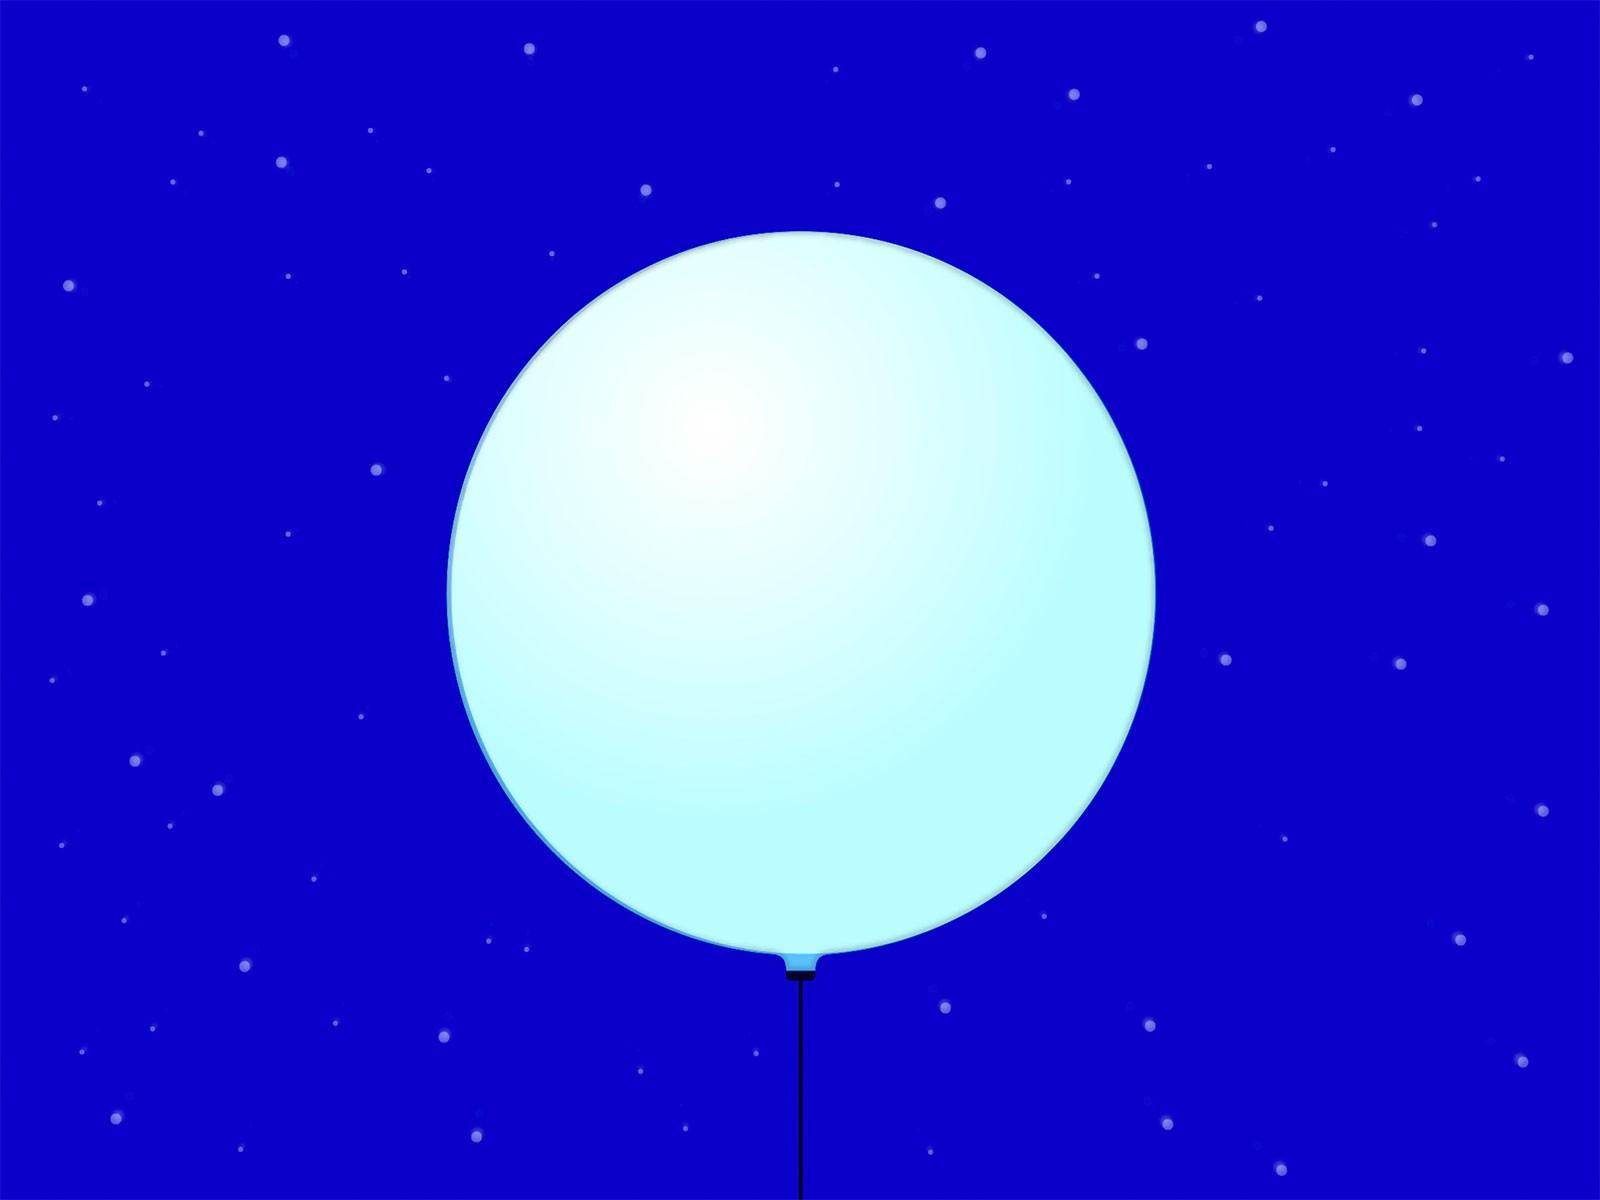 Anwendung: aussen und innen Farbgebung: Sämtliche Farben im RGB-Spektrum Füllung: Helium Betrieb elektrisch: unabhängig via Akku oder über eine 230V-Steckdose Ballon-Durchmesser: 1.5 Meter